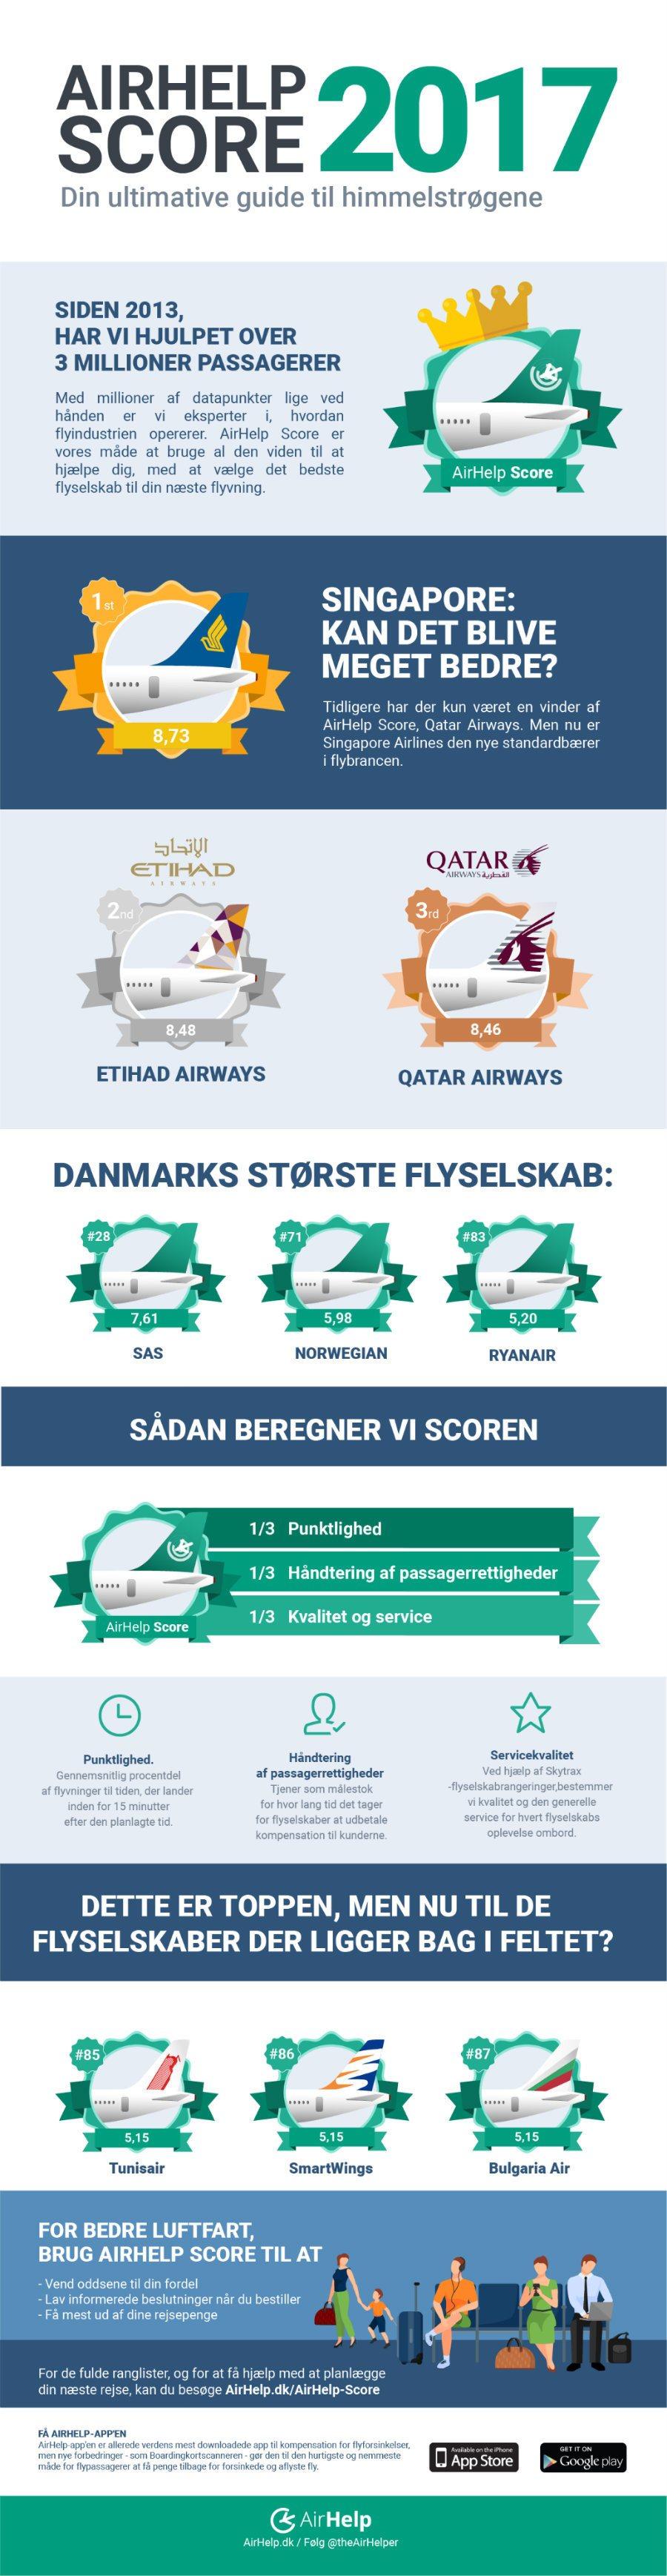 verdens bedste flyselskaber